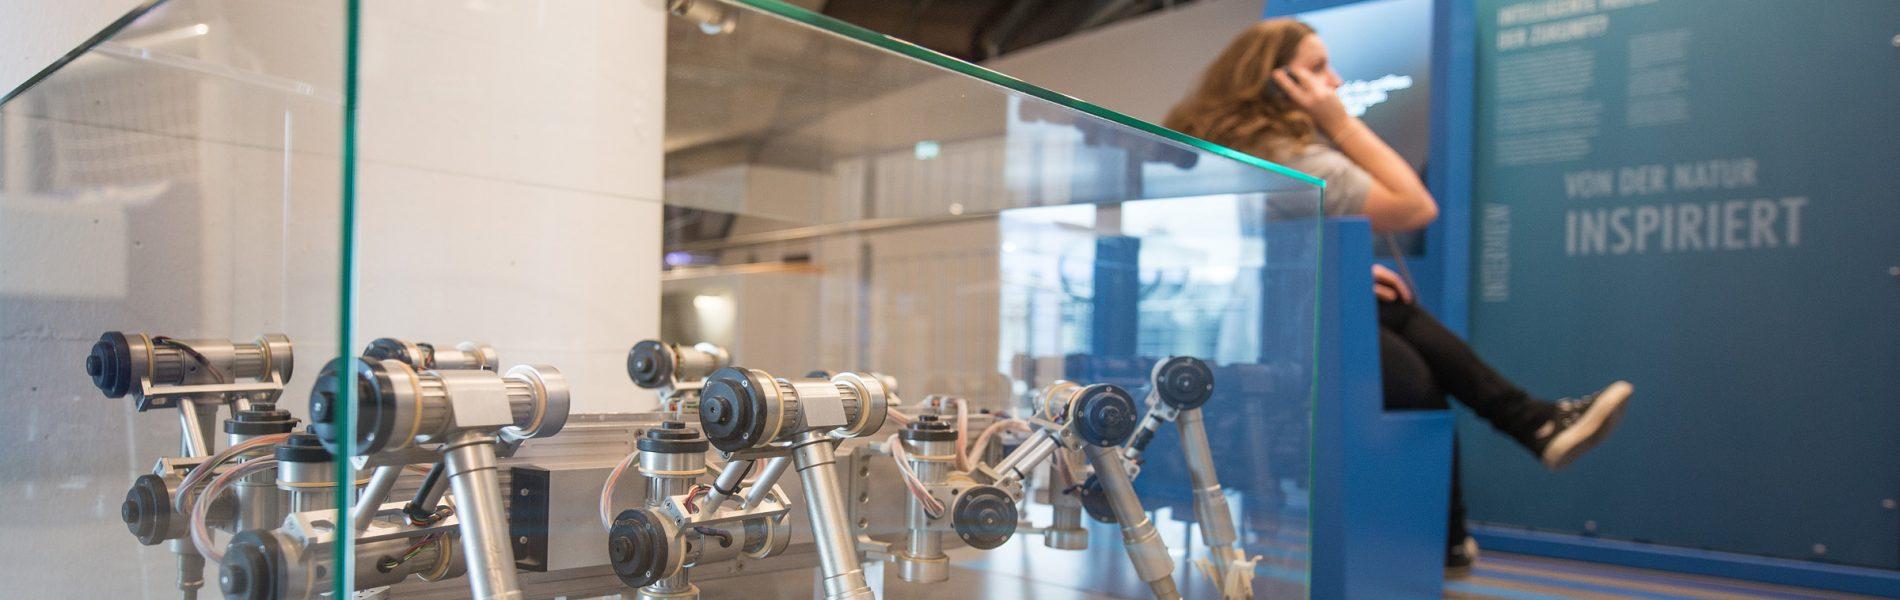 Dieses Bild zeigt einen Roboter in einer Vitrine. Er hat acht Beine und einen länglichen Körper.